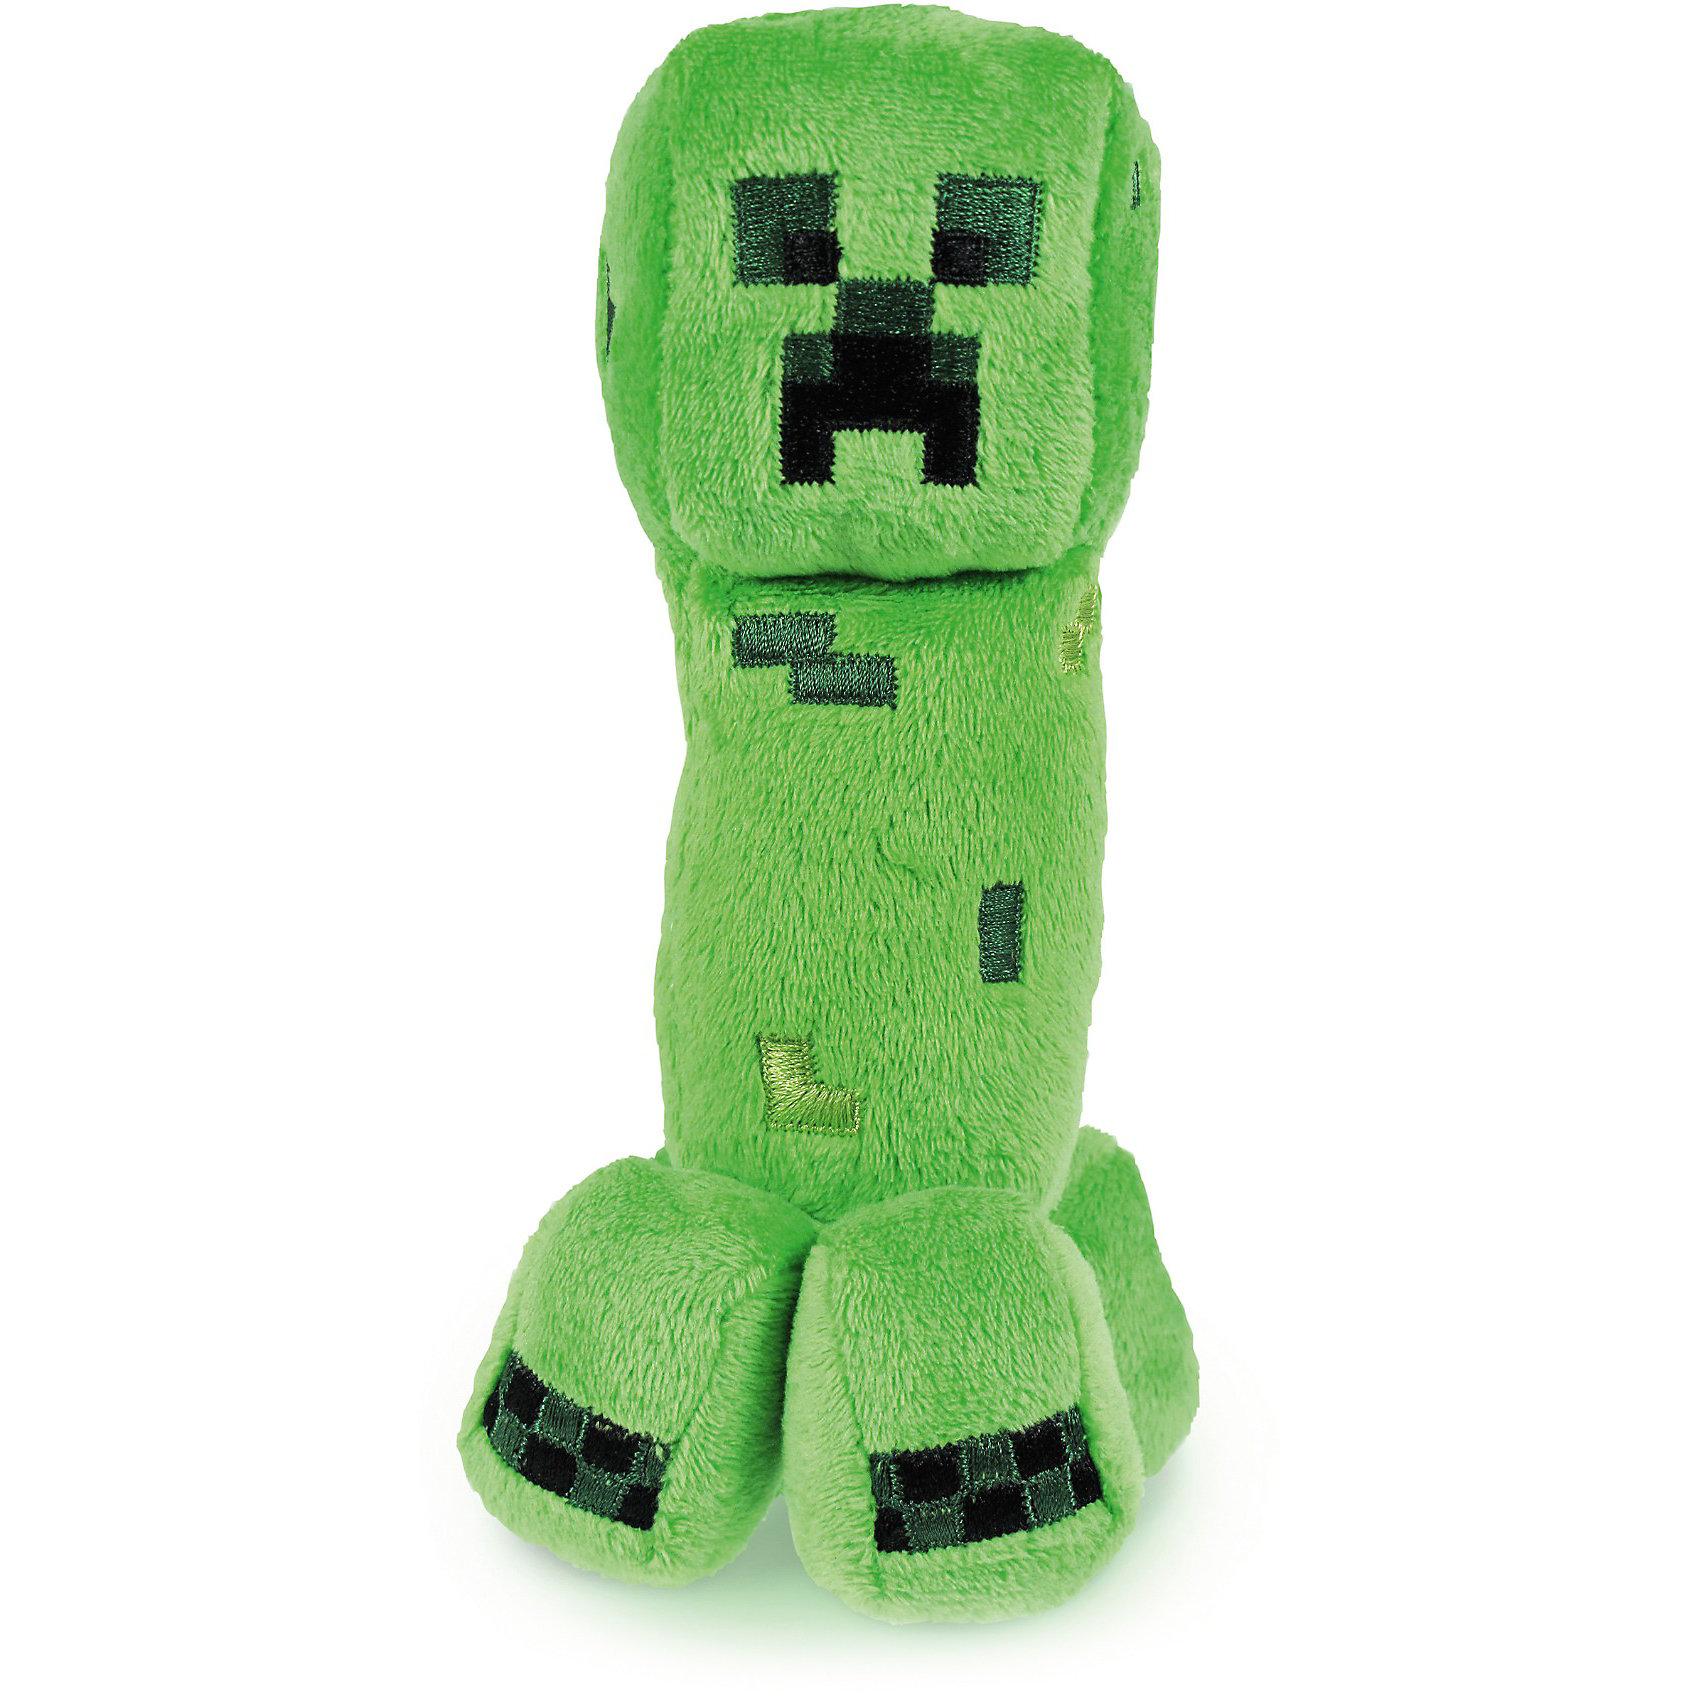 Игрушка Крипер, 18см, MinecraftЛюбимые герои<br>Мягкая игрушка Крипер, 18 см, Minecraft (Майнкрафт) – это отличный подарок для поклонников вселенной Minecraft.<br>Мягкая игрушка Крипер Minecraft (Майнкрафт) из самой известной инди-игры - Minecraft! Компьютерная игра Minecraft - одна из самых популярных игр во всем мире. В этой игре дети и взрослые со всего мира выстраивают целые вселенные из кубических блоков. Если Ваш ребенок – почитатель игры Minecraft, то эта мягкая игрушка-моб ему, несомненно, понравится. Игрушка сделана в виде крипера, неофициального символа Minecraft и одной из главных причин смертей игроков. Подарите своему ребенку замечательную качественную игрушку в виде опасного героя Minecraft – практически бесшумного моба-камикадзе Крипера. Игрушка изготовлена из высококачественного текстиля с гипоаллергенным наполнителем.<br><br>Дополнительная информация:<br><br>- Размер игрушки: 18 см.<br>- Материал: текстиль, плюш<br><br>Мягкая игрушка Крипер, 18 см, Minecraft (Майнкрафт) - собери всех участников игры и создай свой мир Minecraft.<br><br>Мягкую игрушку Крипер, 18 см, Minecraft (Майнкрафт) можно купить в нашем интернет-магазине.<br><br>Ширина мм: 185<br>Глубина мм: 86<br>Высота мм: 68<br>Вес г: 46<br>Возраст от месяцев: 36<br>Возраст до месяцев: 96<br>Пол: Мужской<br>Возраст: Детский<br>SKU: 3763631